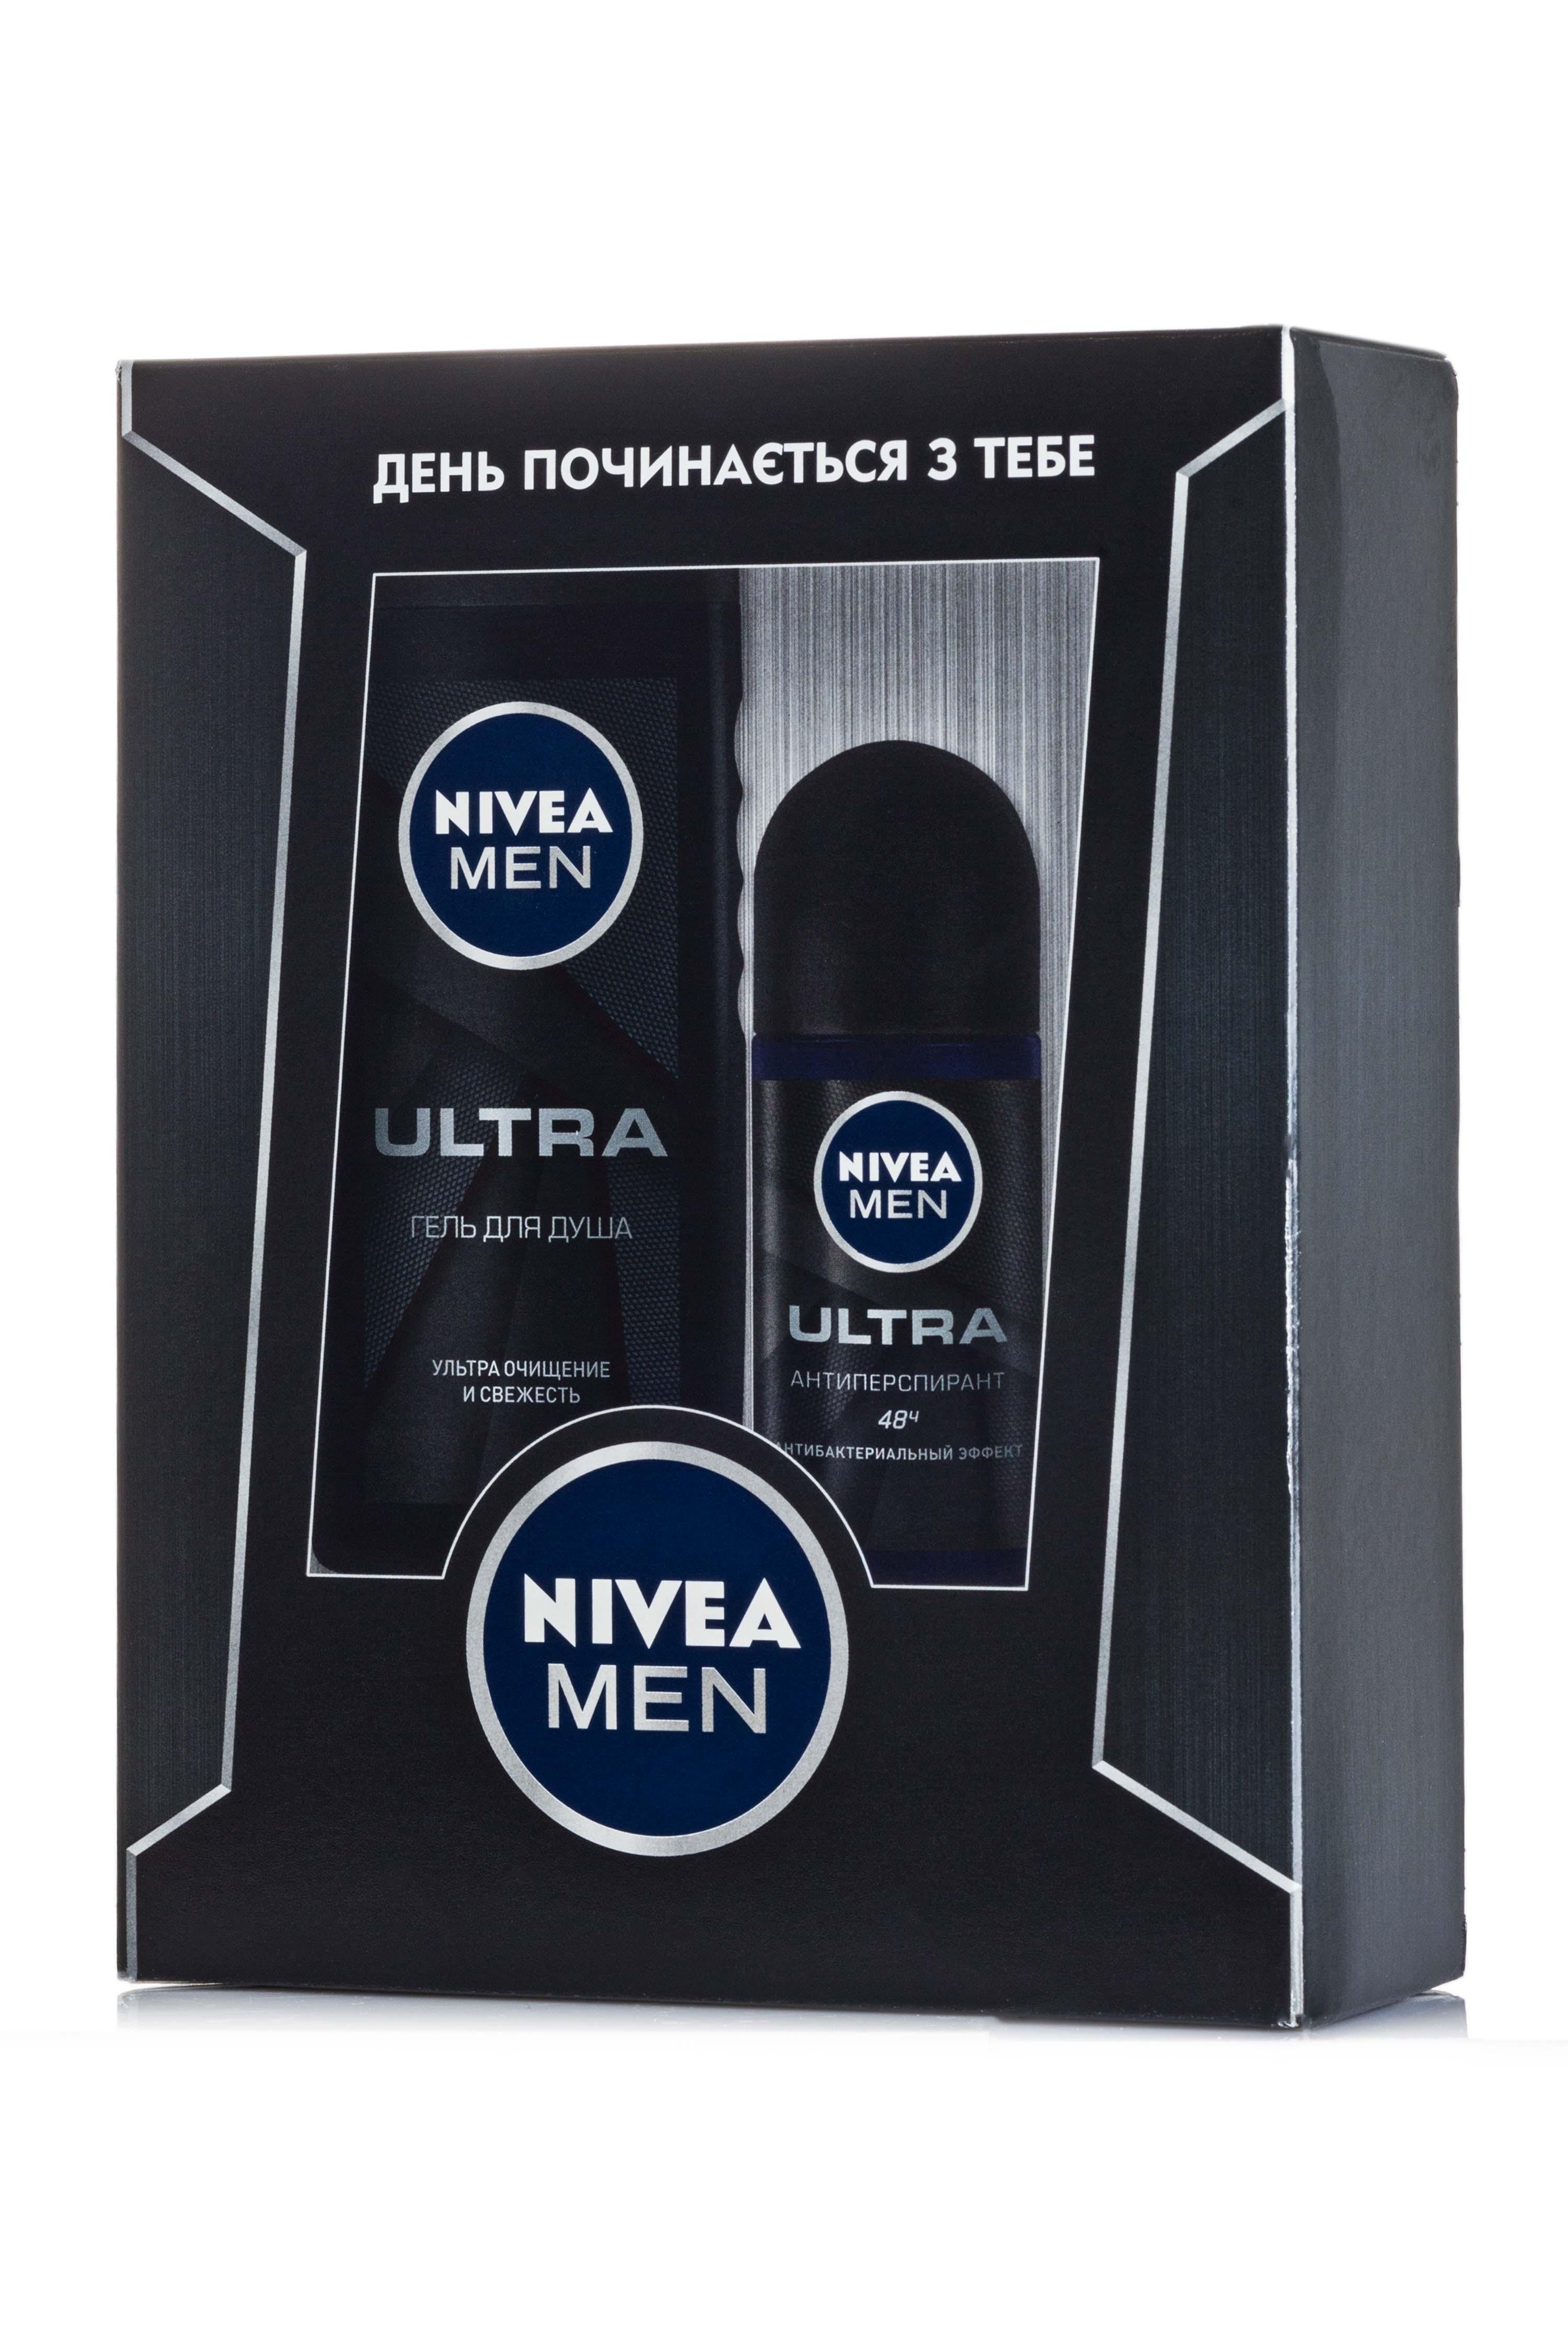 Купить Подарунковий набір Nivea men Ультра 2019